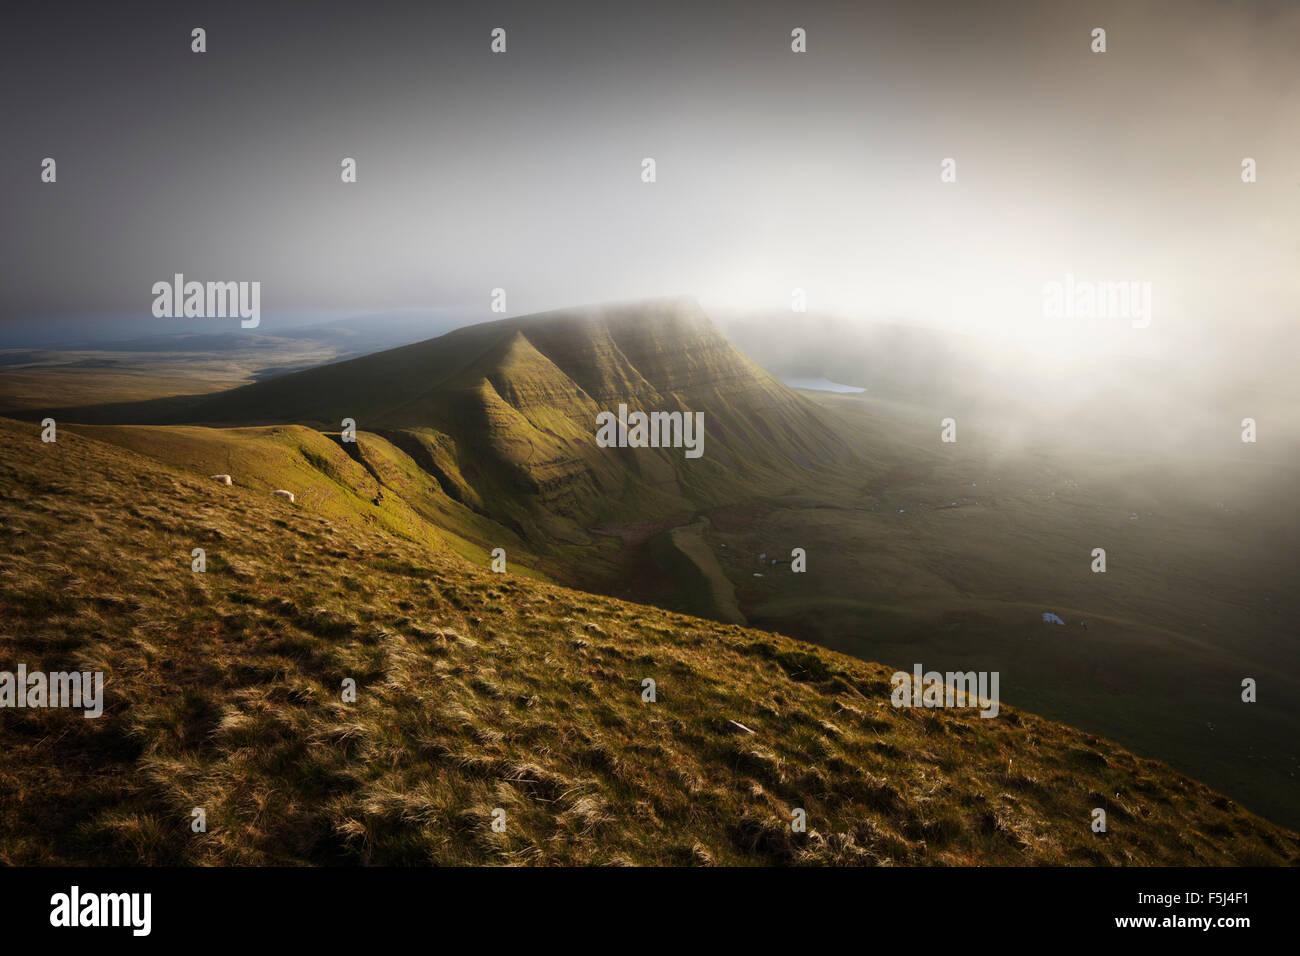 Nebbia in rotolamento su Picws Du. La Montagna Nera. Parco Nazionale di Brecon Beacons. Carmarthenshire. Il Galles. Immagini Stock